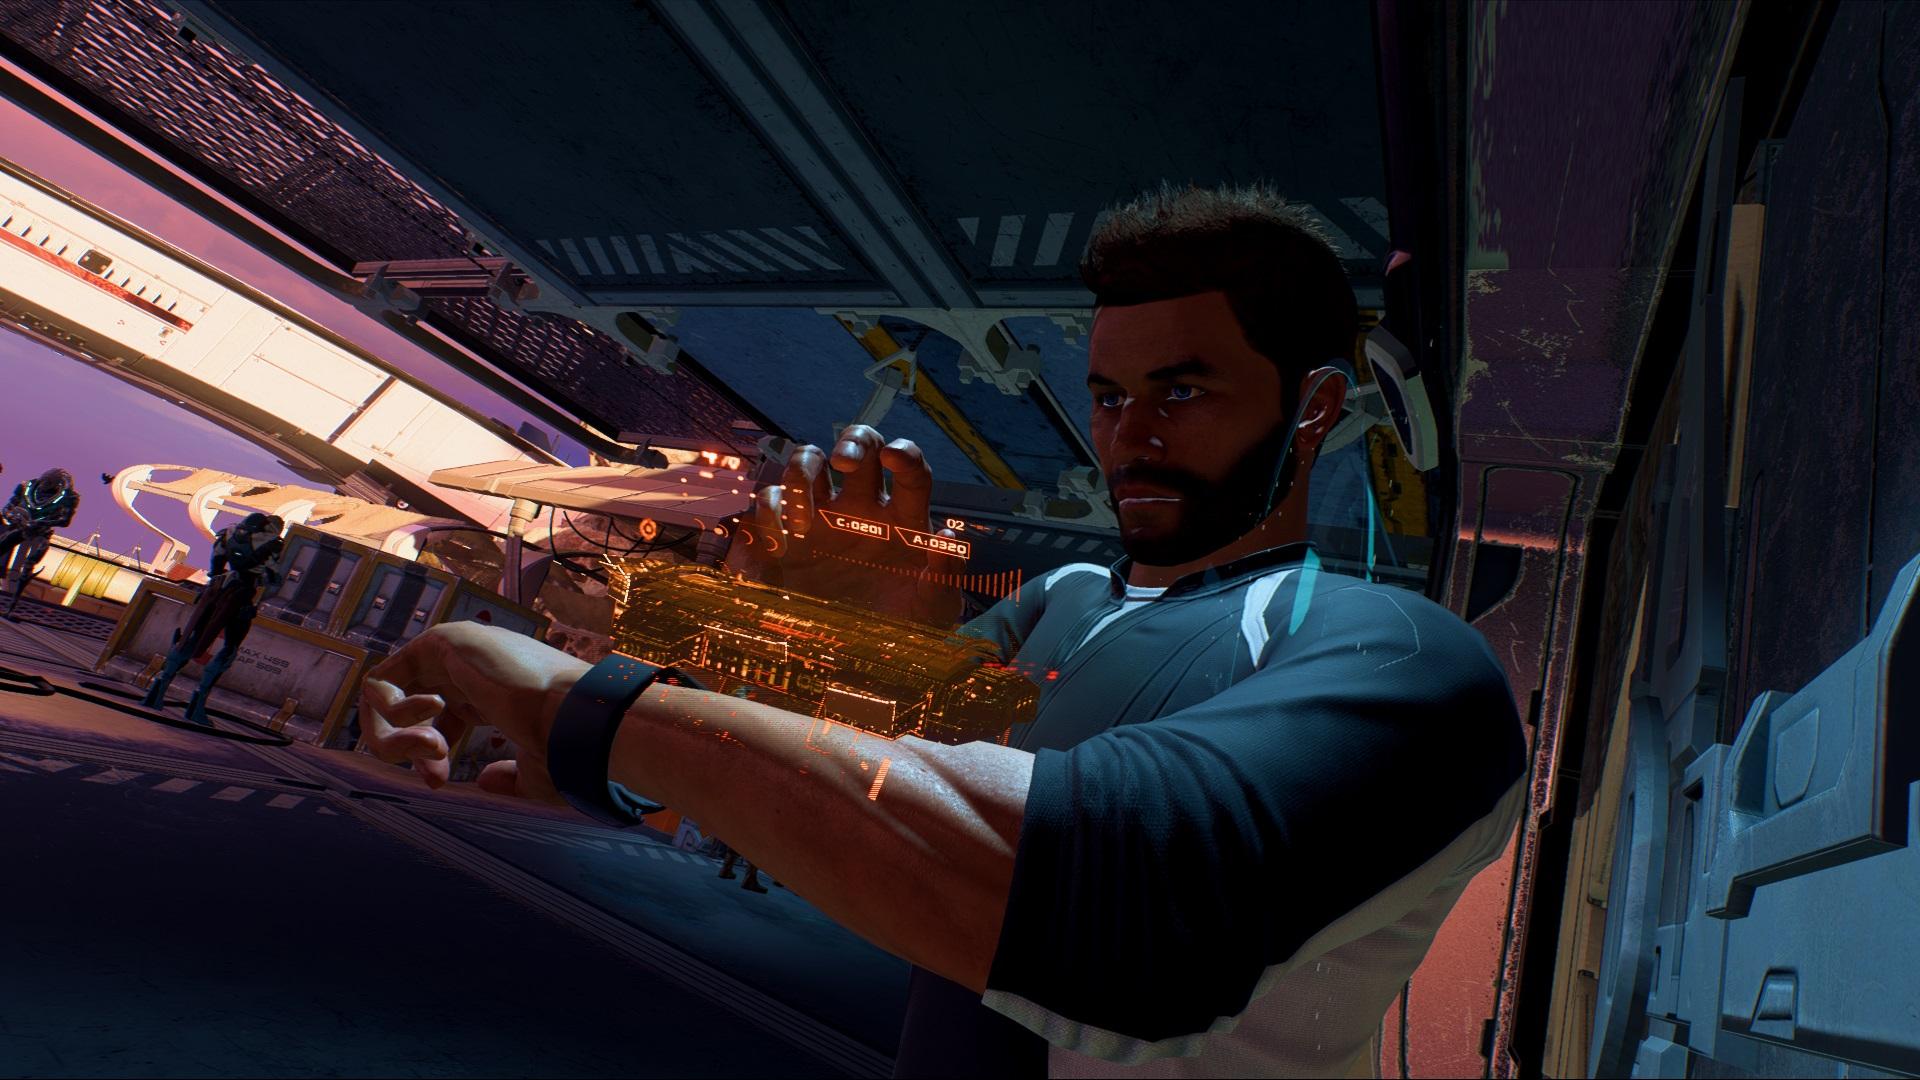 Je Mass Effect: Andromeda špatná hra? 13134